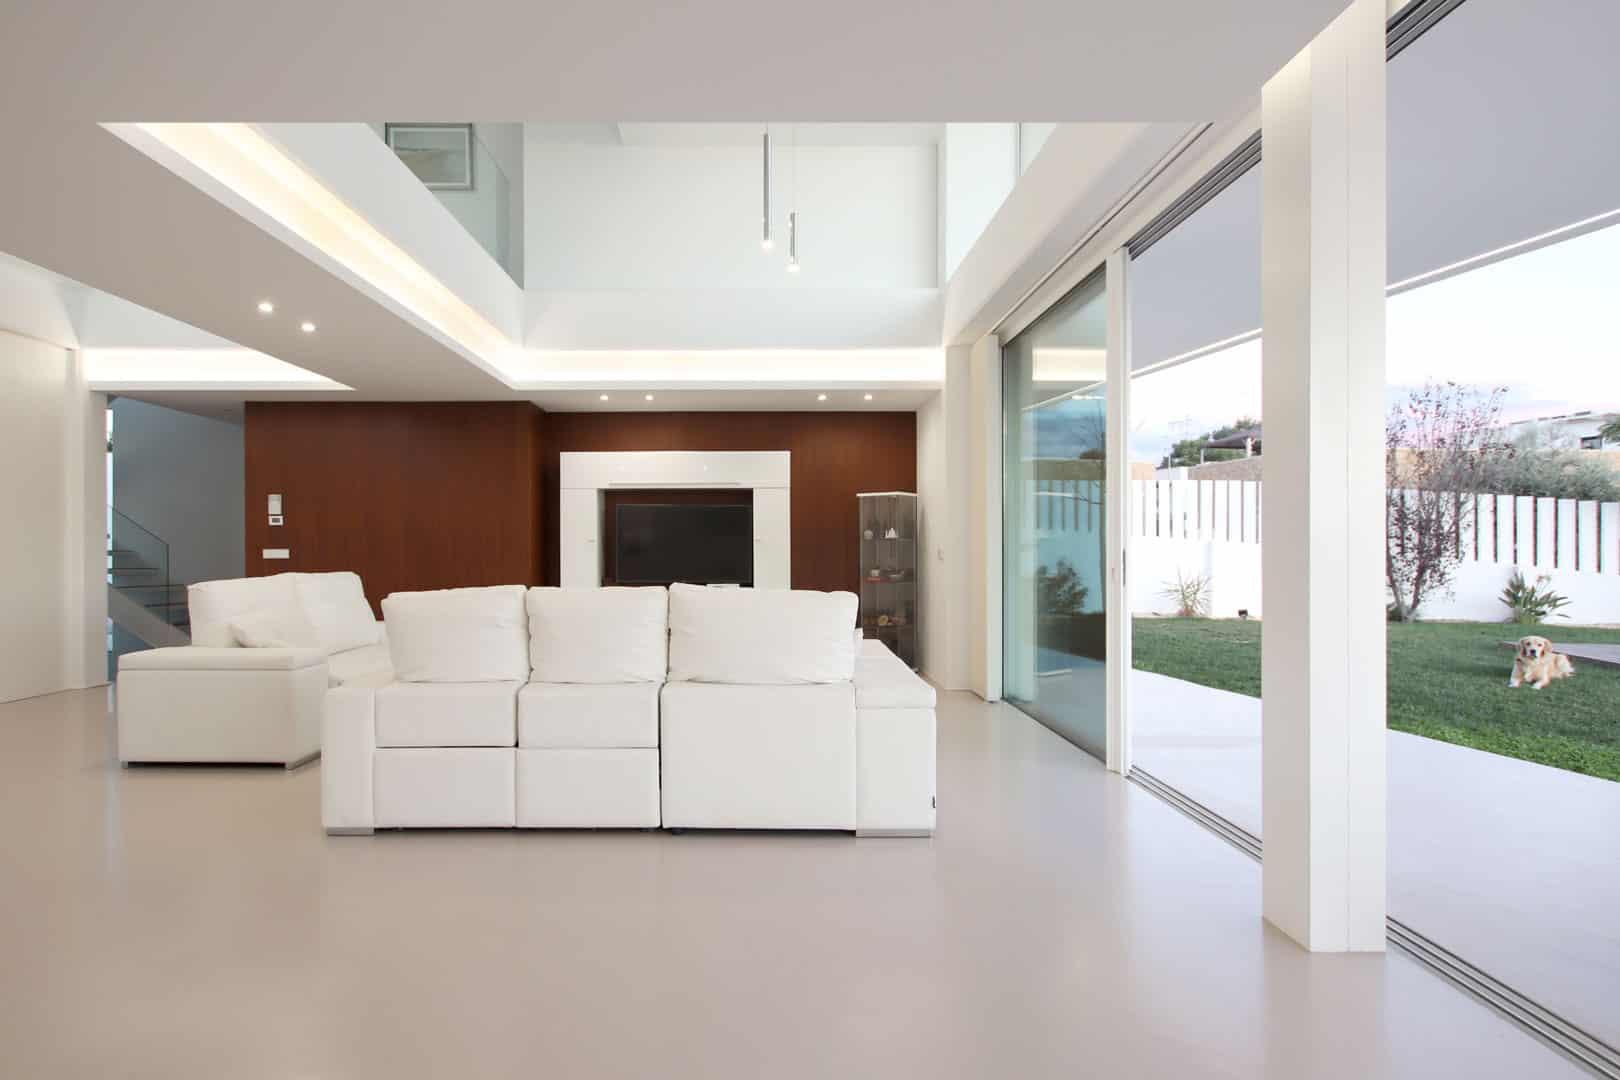 casa lujan interior5